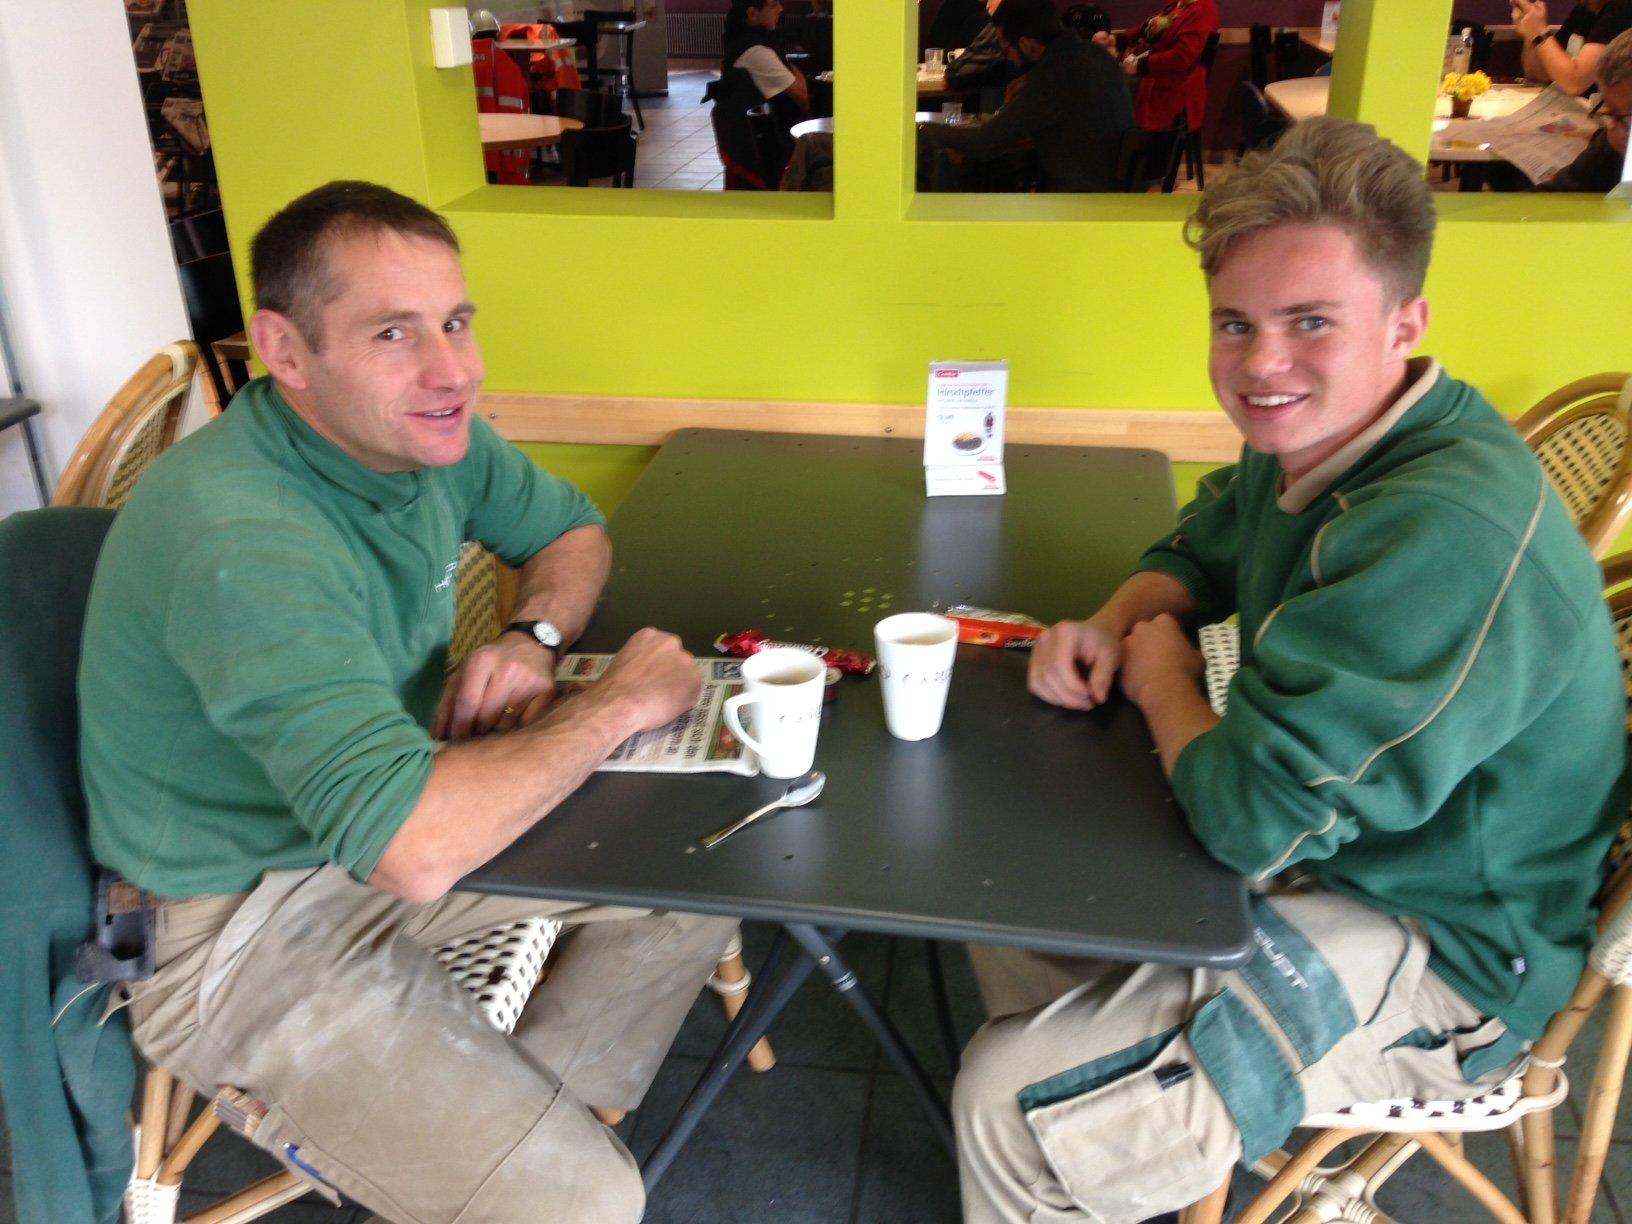 Philipp Roos (links) und Lukas Renggli beim Kaffee nach dem Mittagessen im Mikros-Restaurant. (Bild: zentralplus/bas)